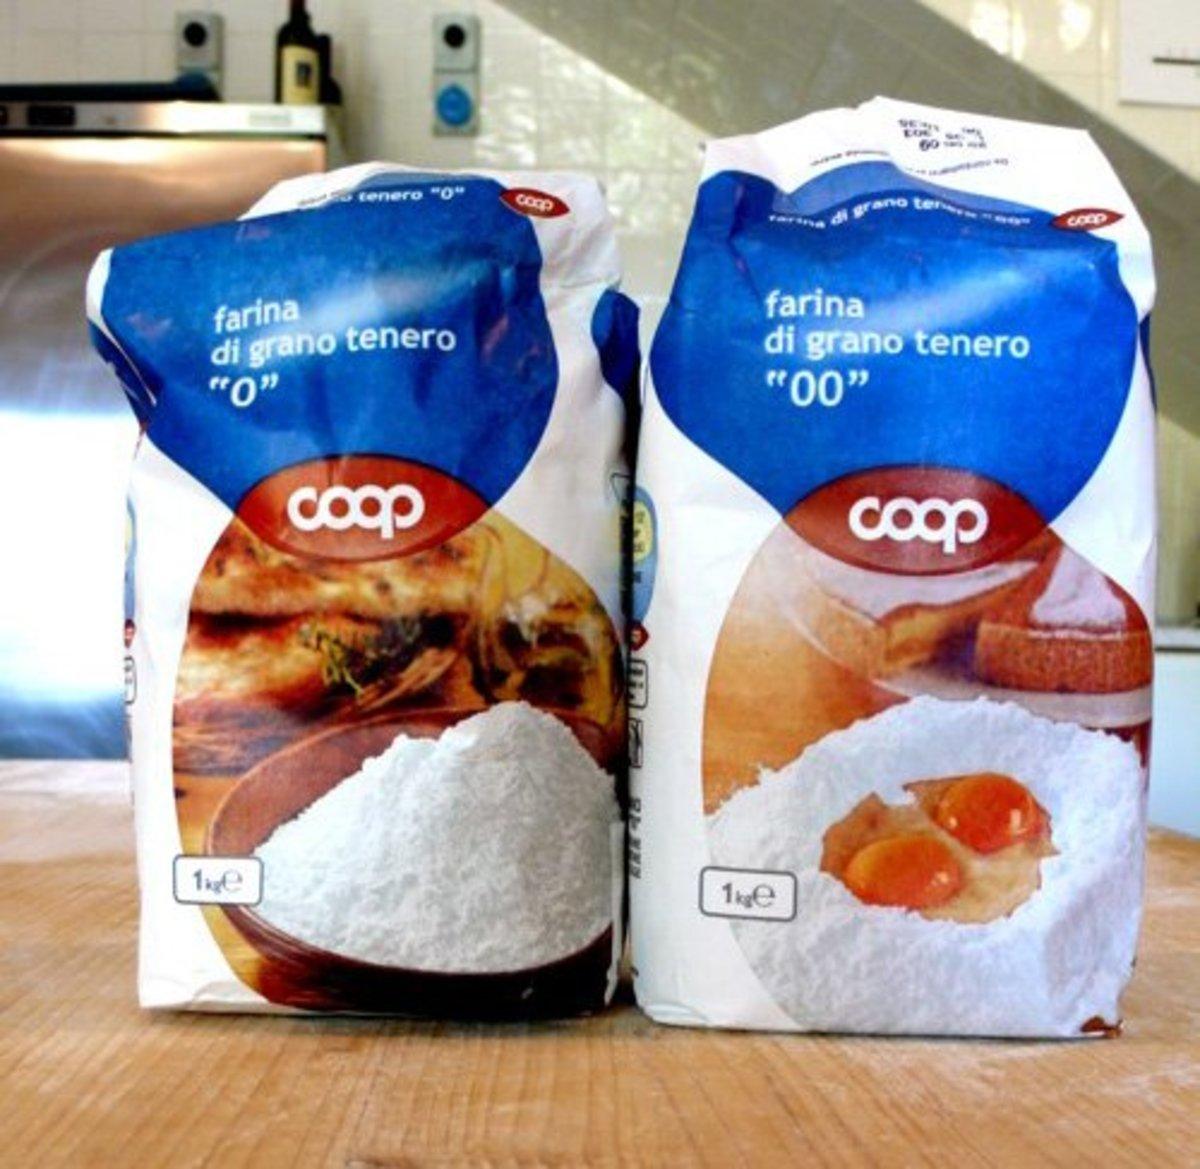 """""""00"""" wheat flour is the top choice when making handmade pasta dough."""